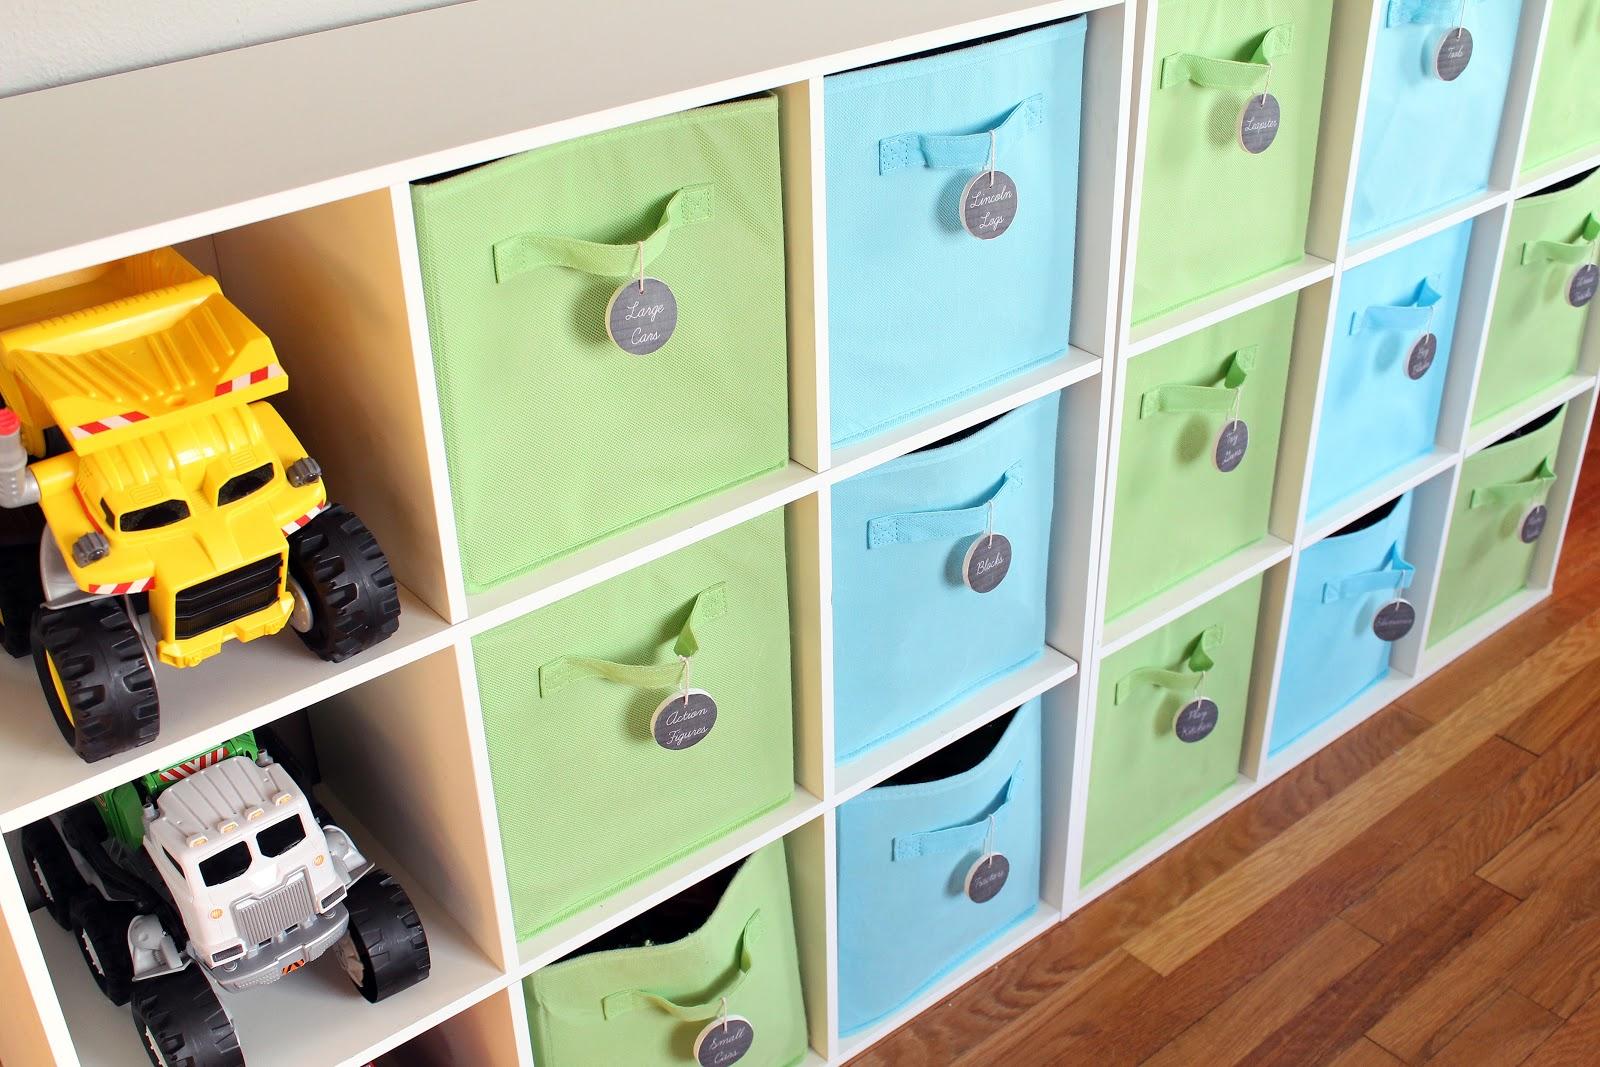 Зеленые и голубые корзинки в стеллаже